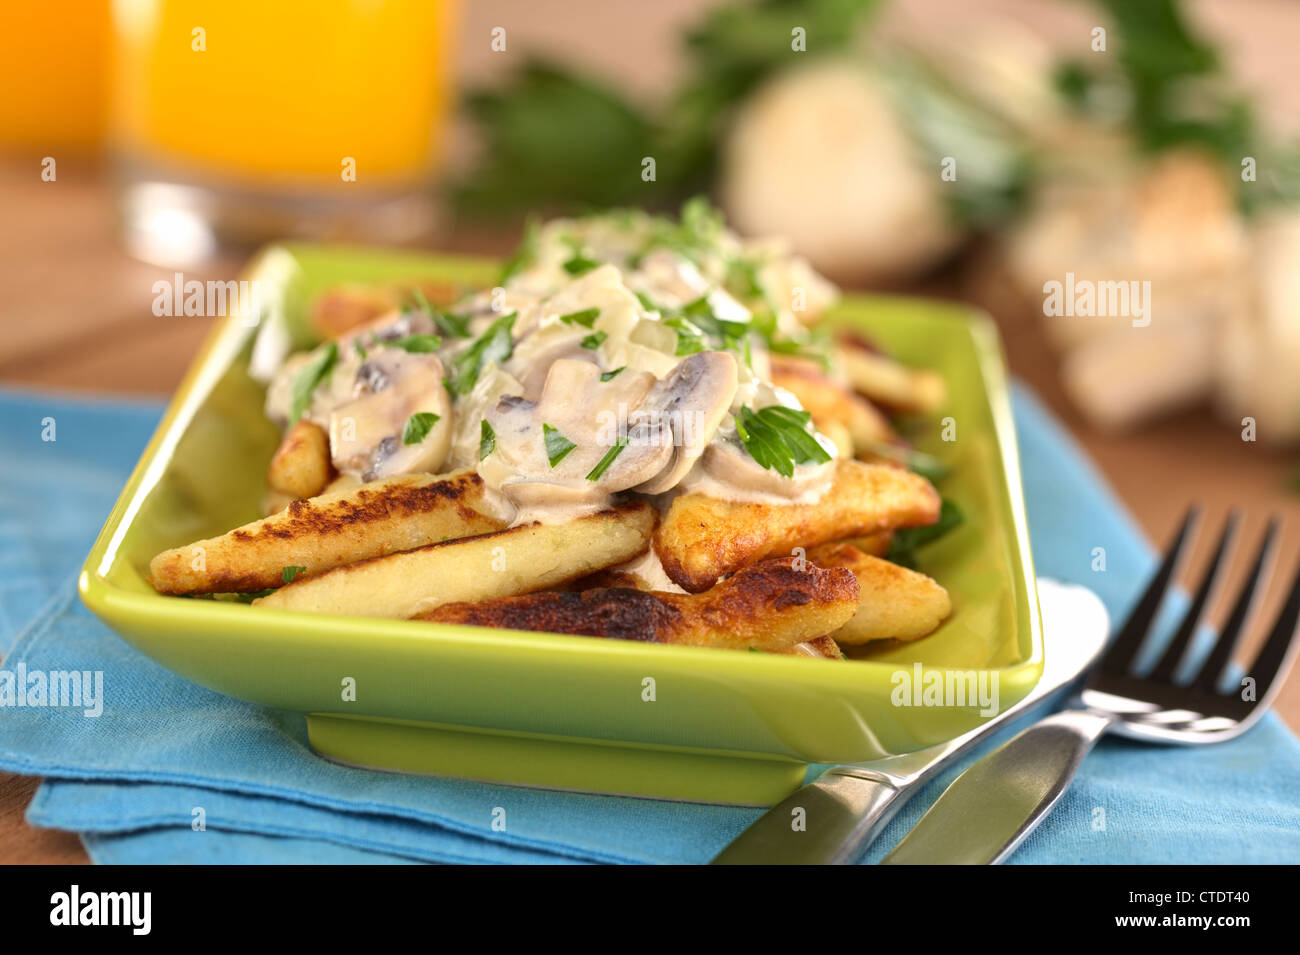 Schupfnudeln (Suabia fideos de patata del sur de Alemania) con salsa de champiñones Imagen De Stock